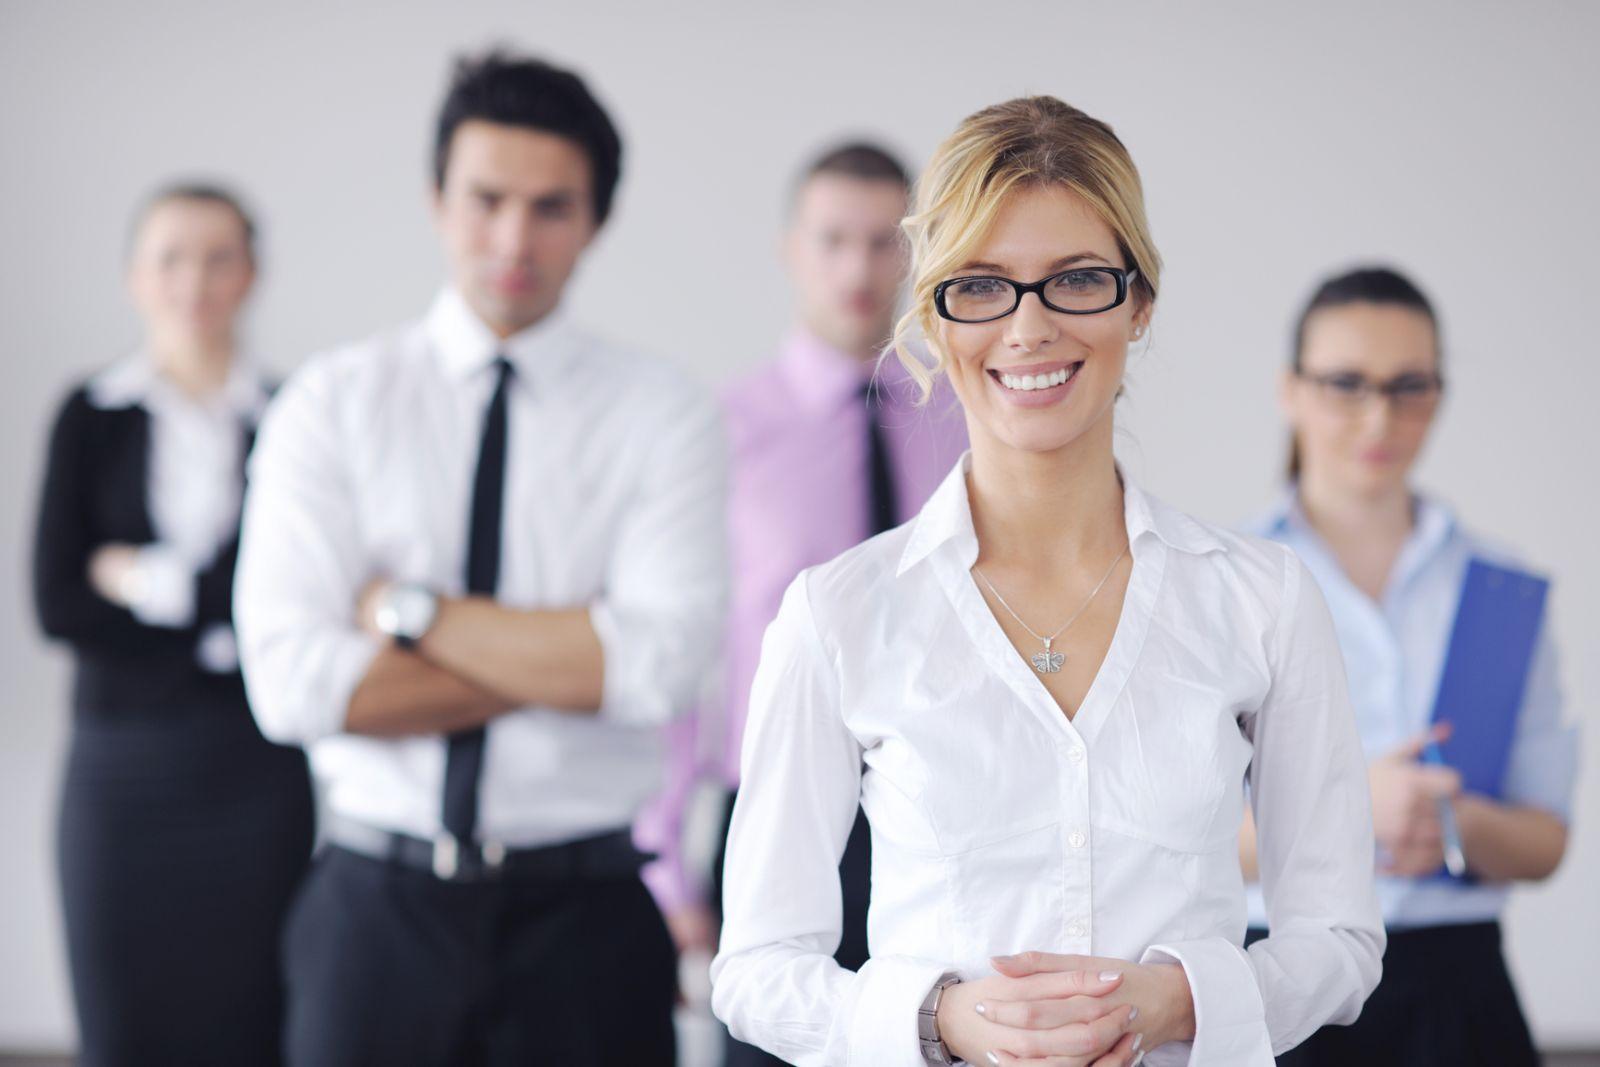 Кто такой секретарь: 6 мифов о девушке в приемной - фото №4